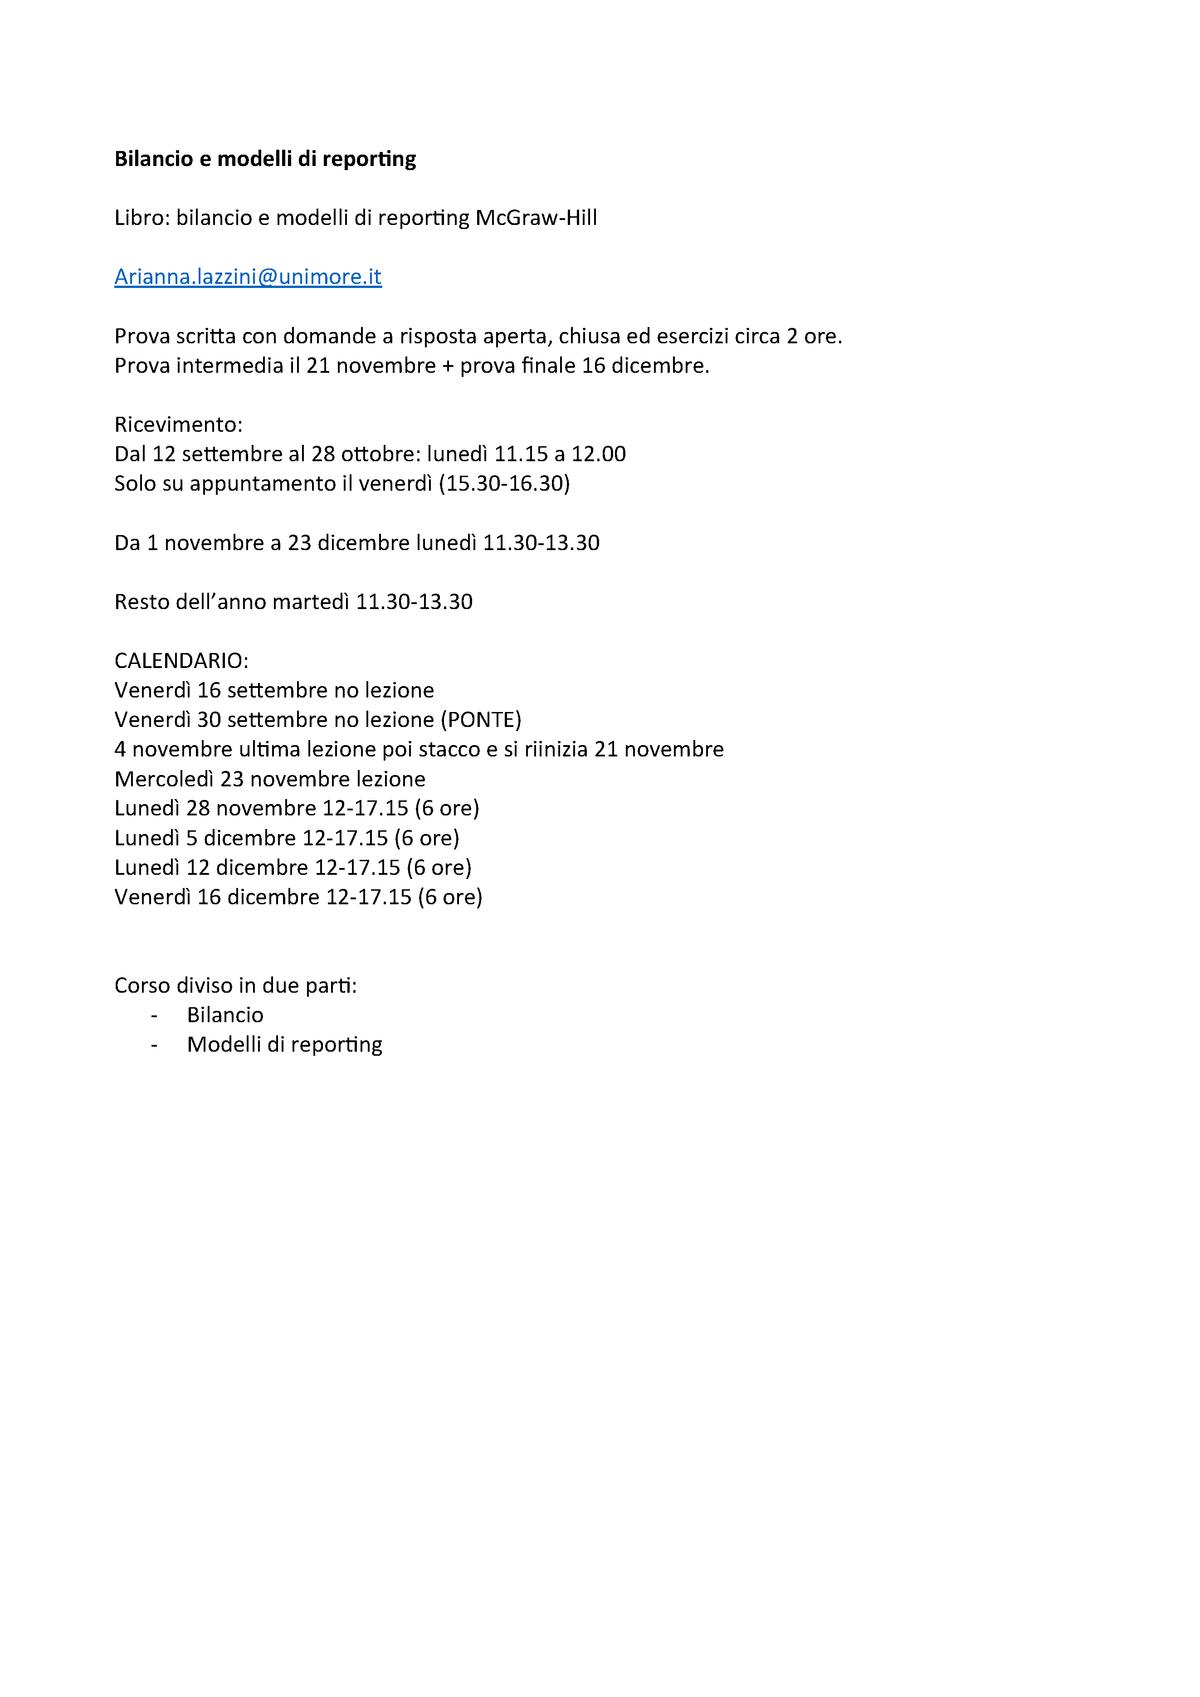 Calendario Lezioni Unimore.Bilancio E Modelli Di Reporting Arianna Mazzini